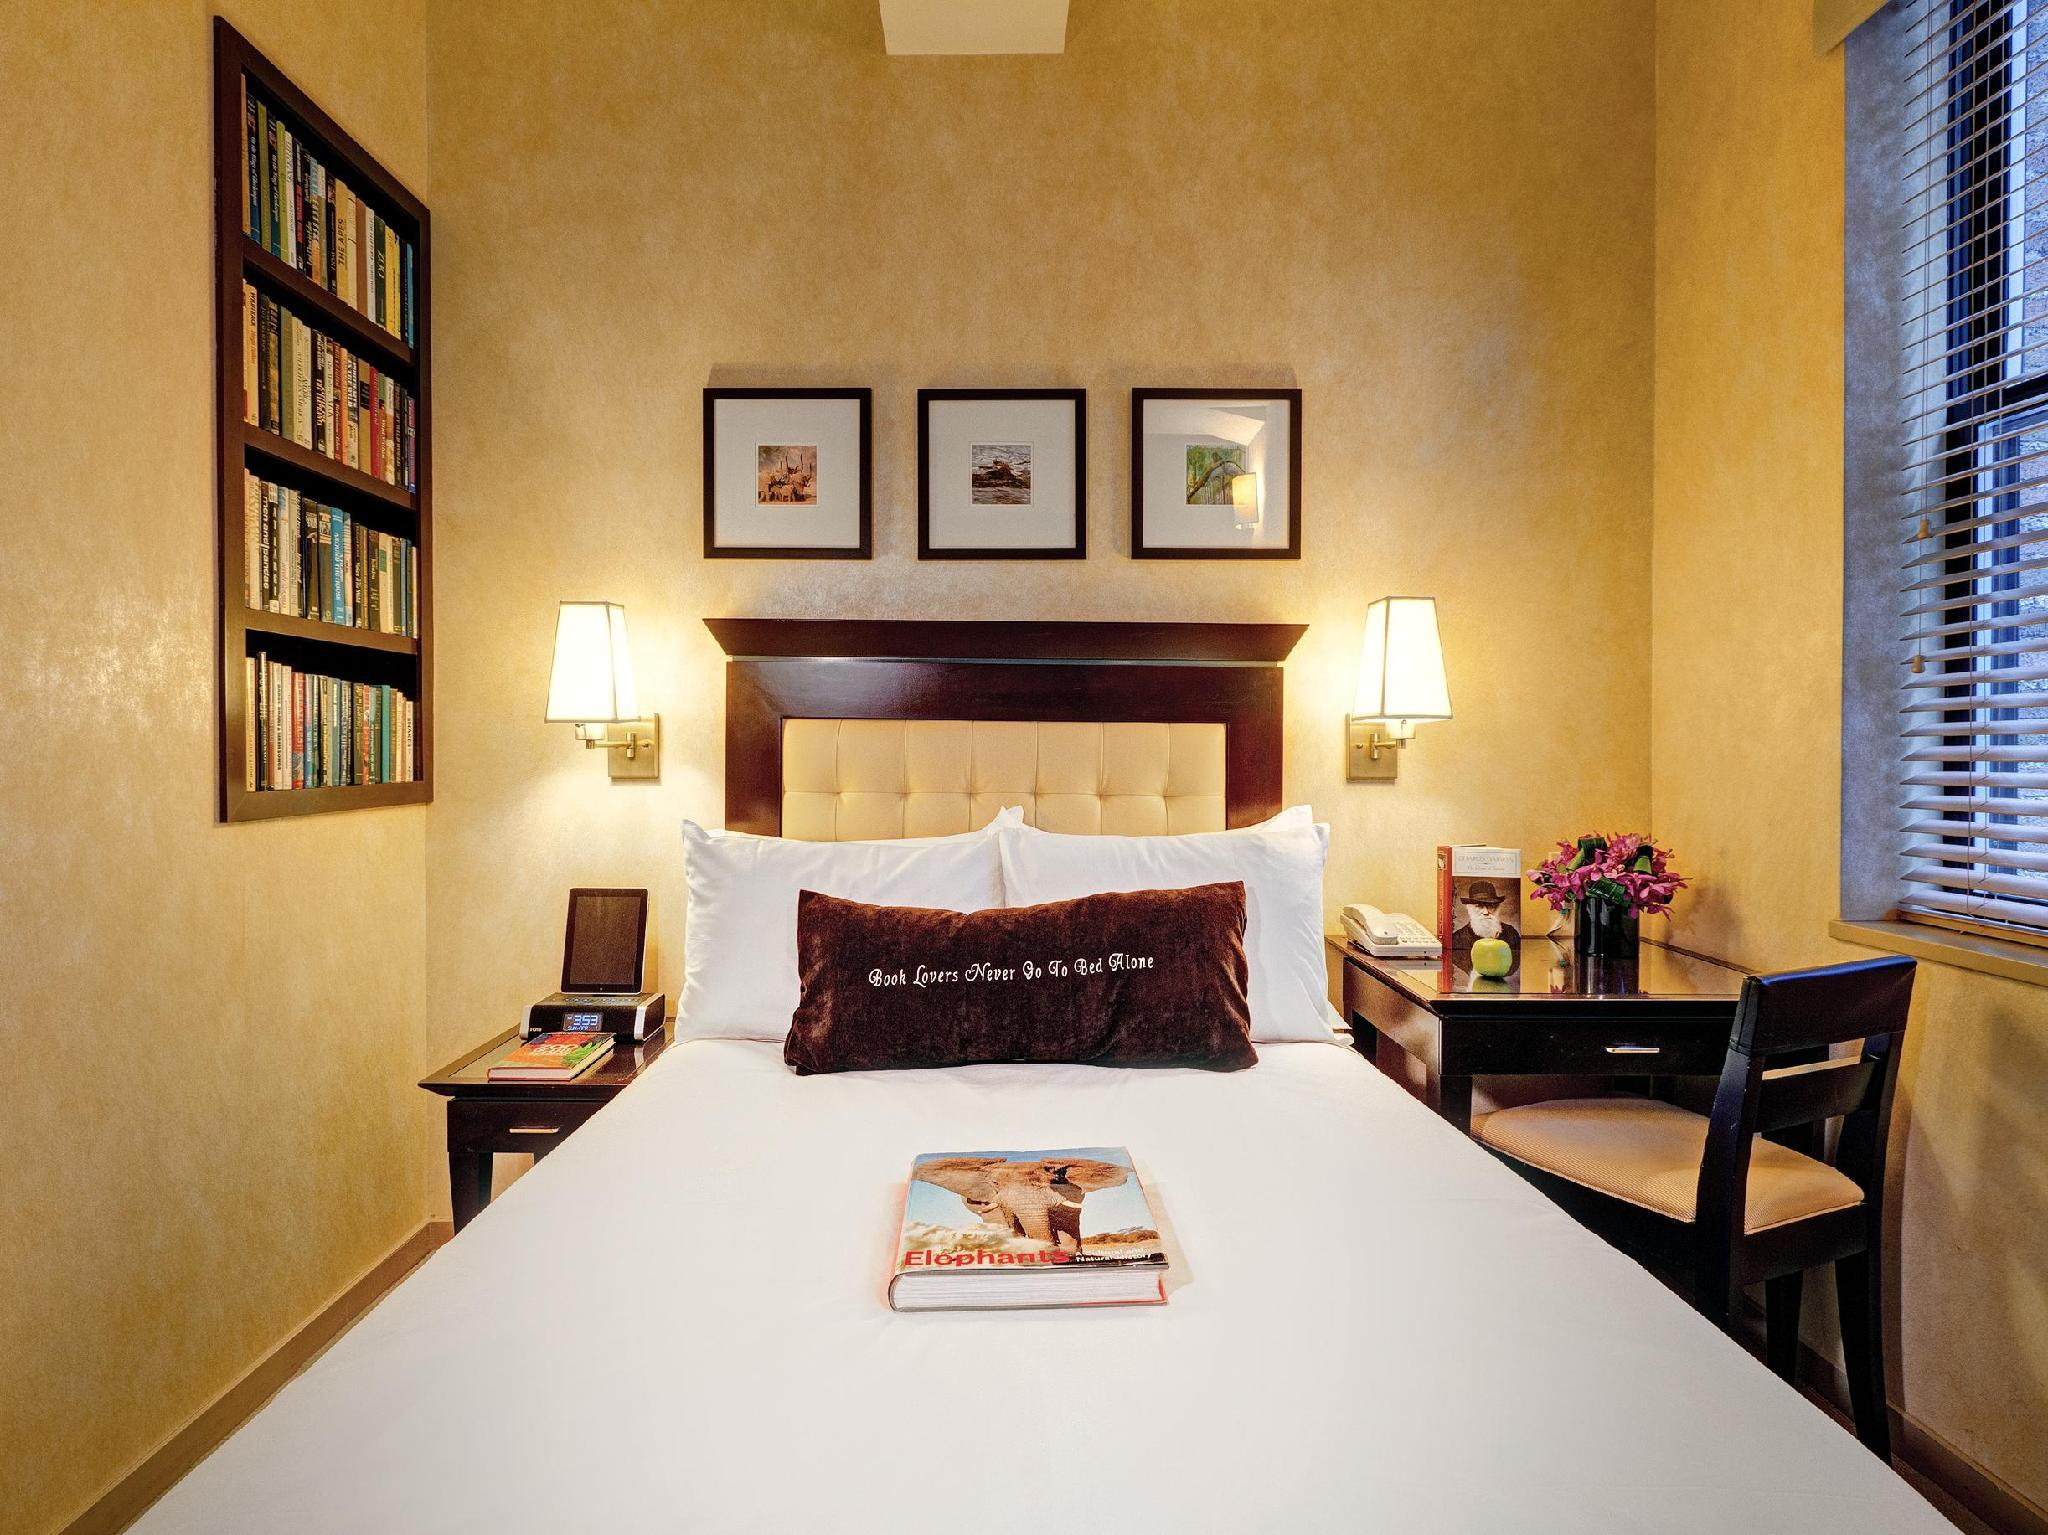 http://pix3.agoda.net/hotelImages/105/105262/105262_120815050200027.jpg